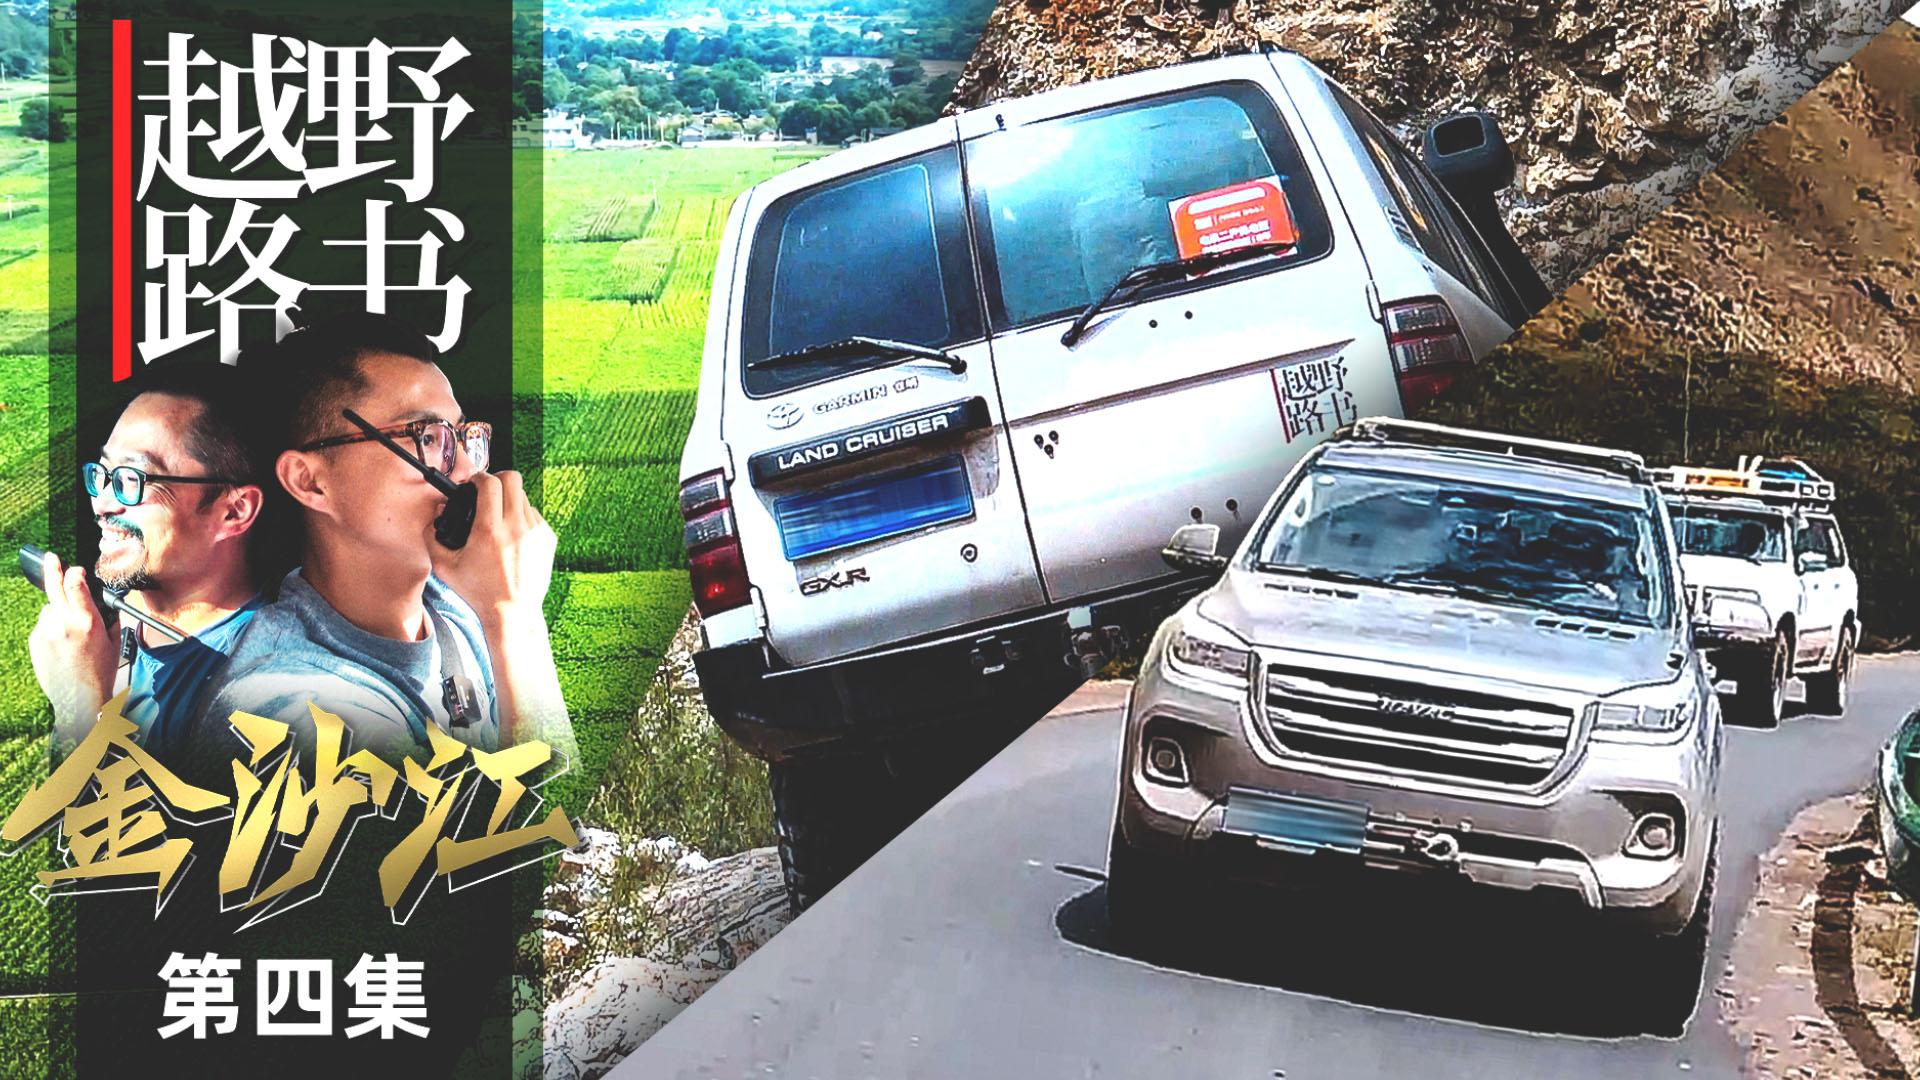 探访茶马古道亲历者 抗战物资竟是他们送的《越野路书》金沙江04